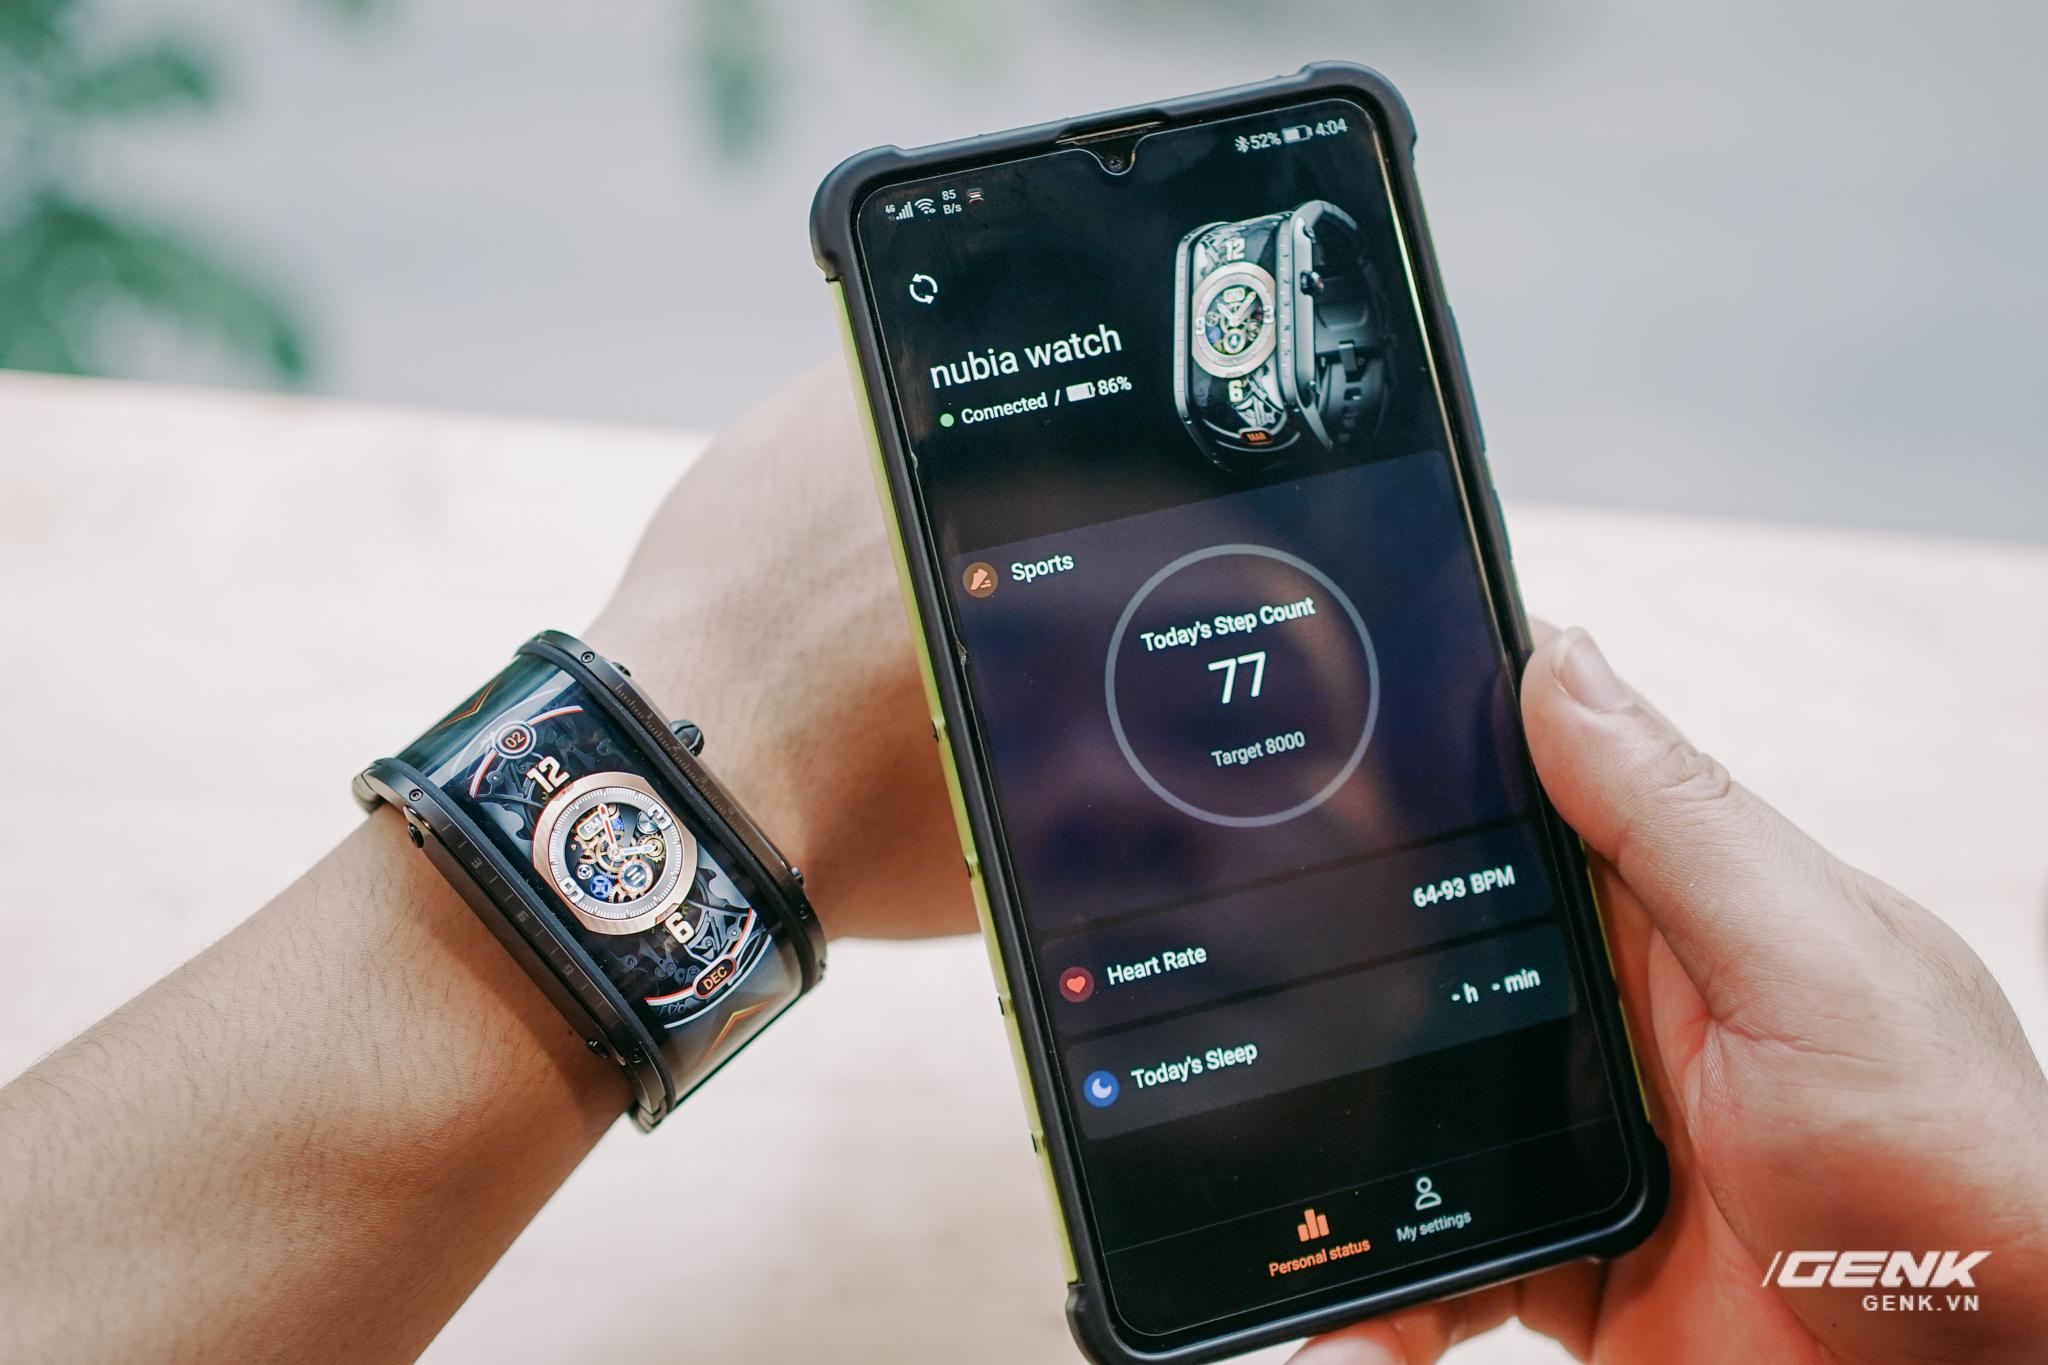 Trên tay Nubia Watch: Smartwatch màn hình uốn dẻo siêu dị không dành cho người bình thường - Ảnh 9.